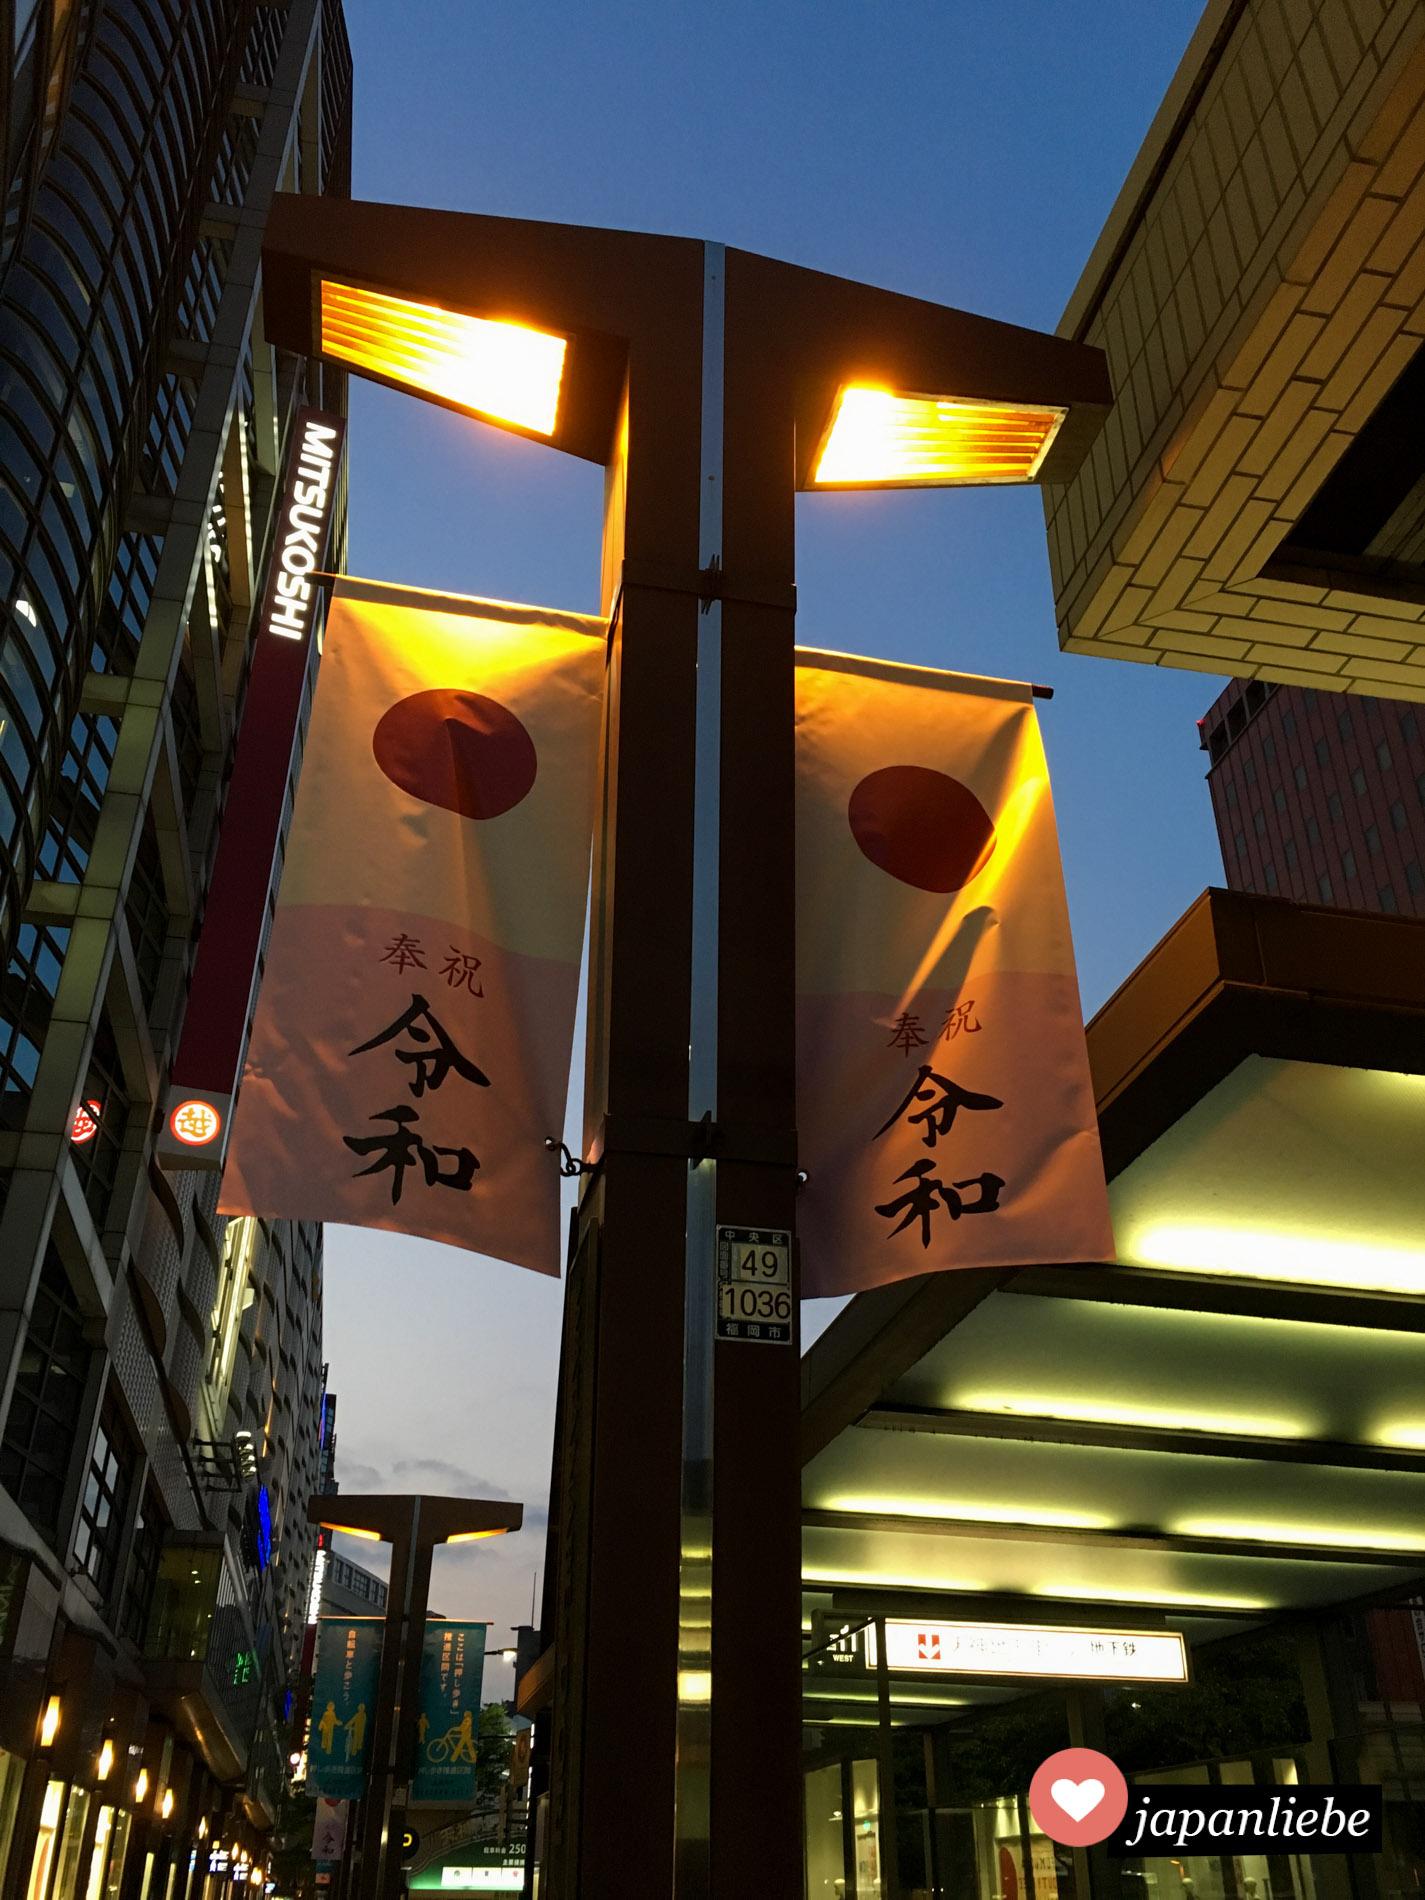 Reiwa überall. Auch Fahnen an Straßenlaternen in Fukuoka machten auf den Ära-Wechsel aufmerksam.